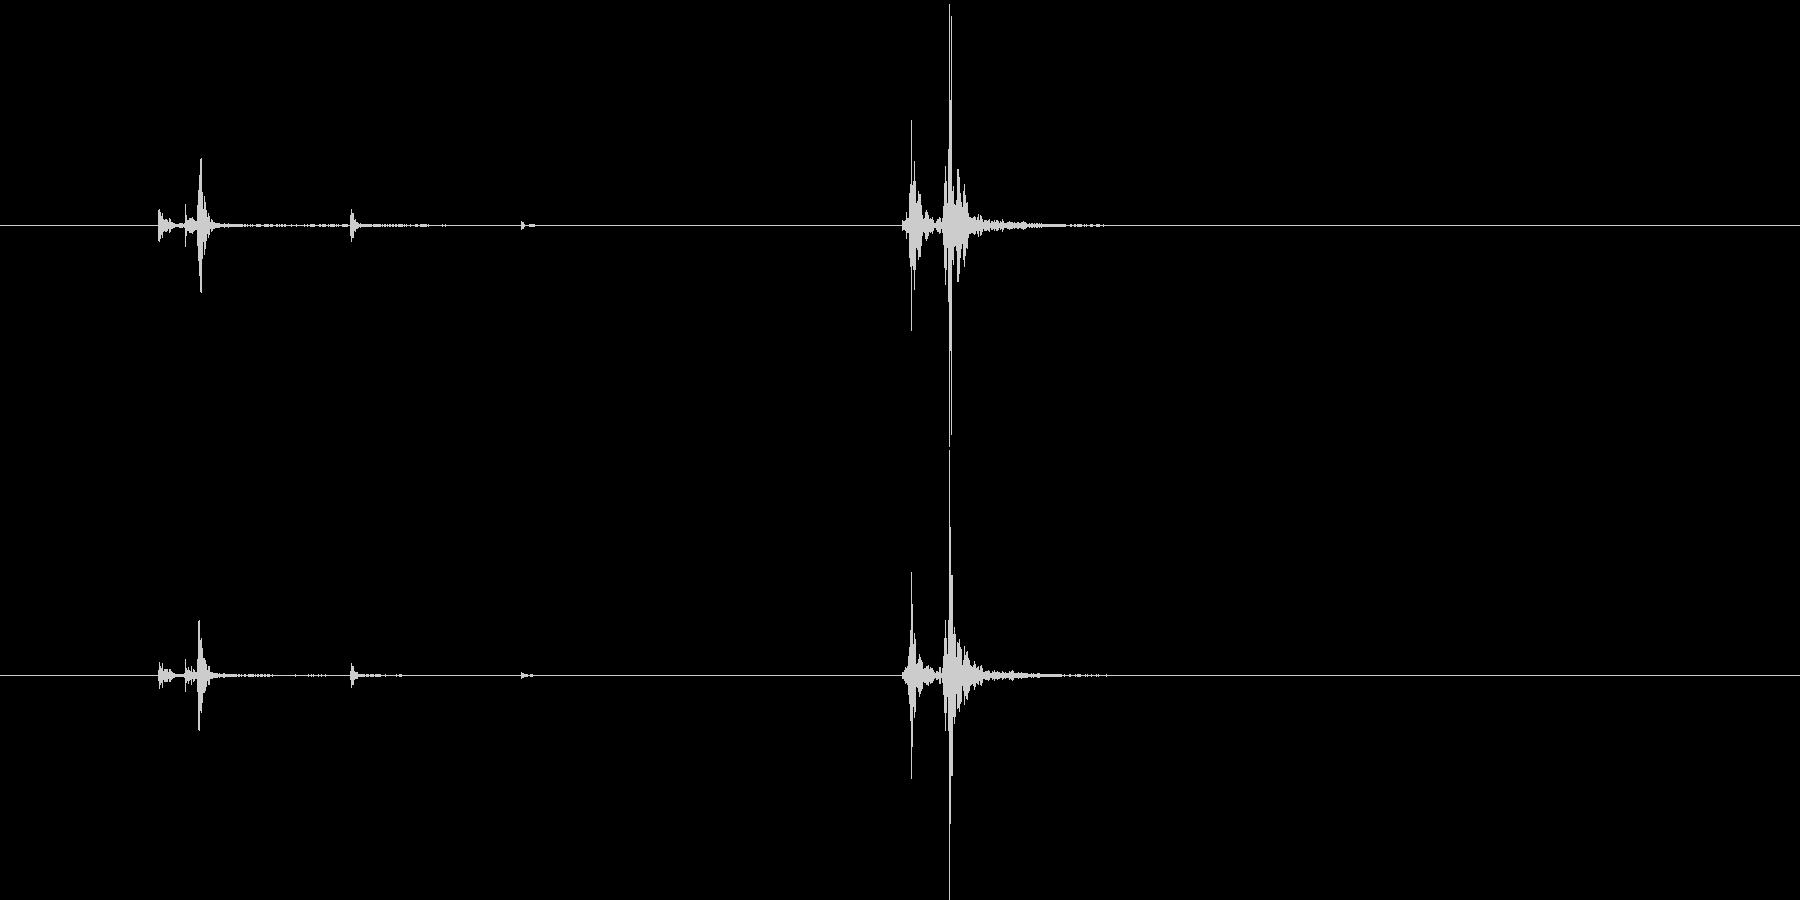 カパ(スプレーのキャップを閉じる音)の未再生の波形